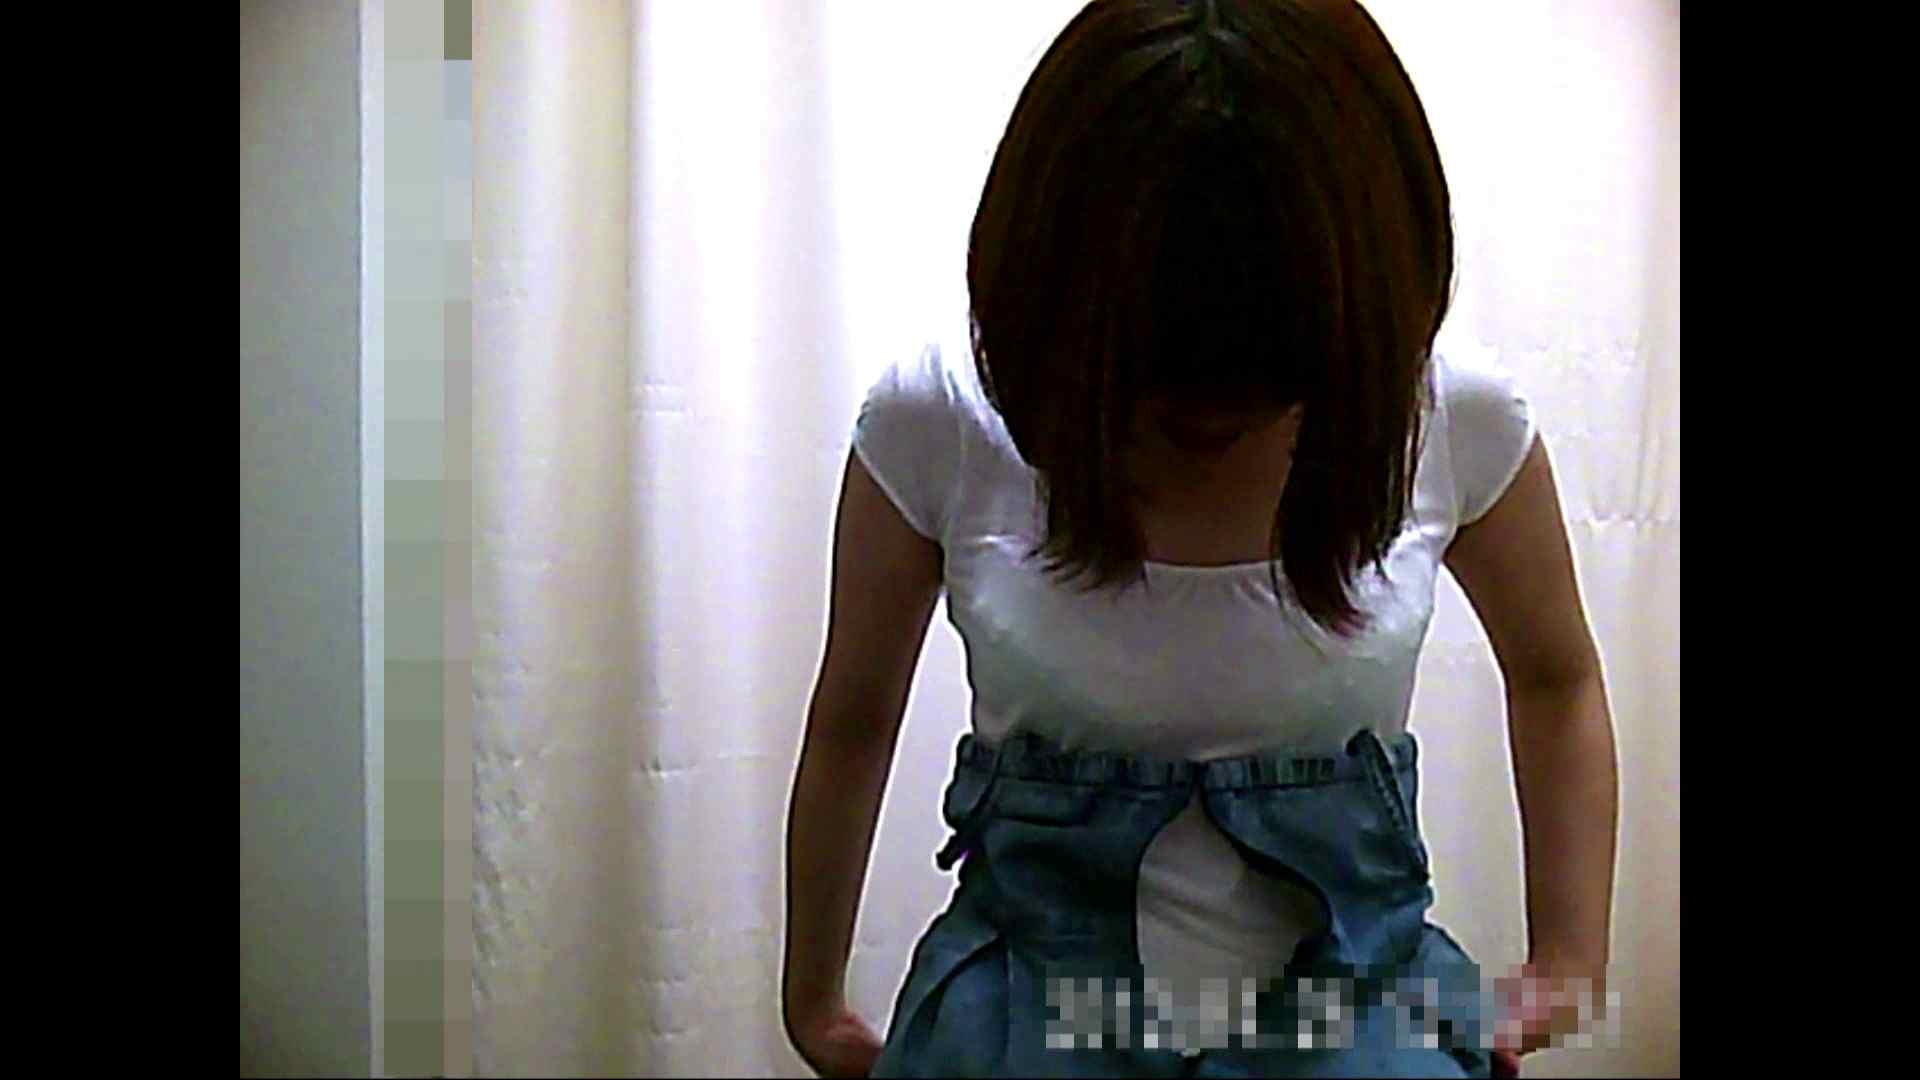 元医者による反抗 更衣室地獄絵巻 vol.007 OL  85pic 74